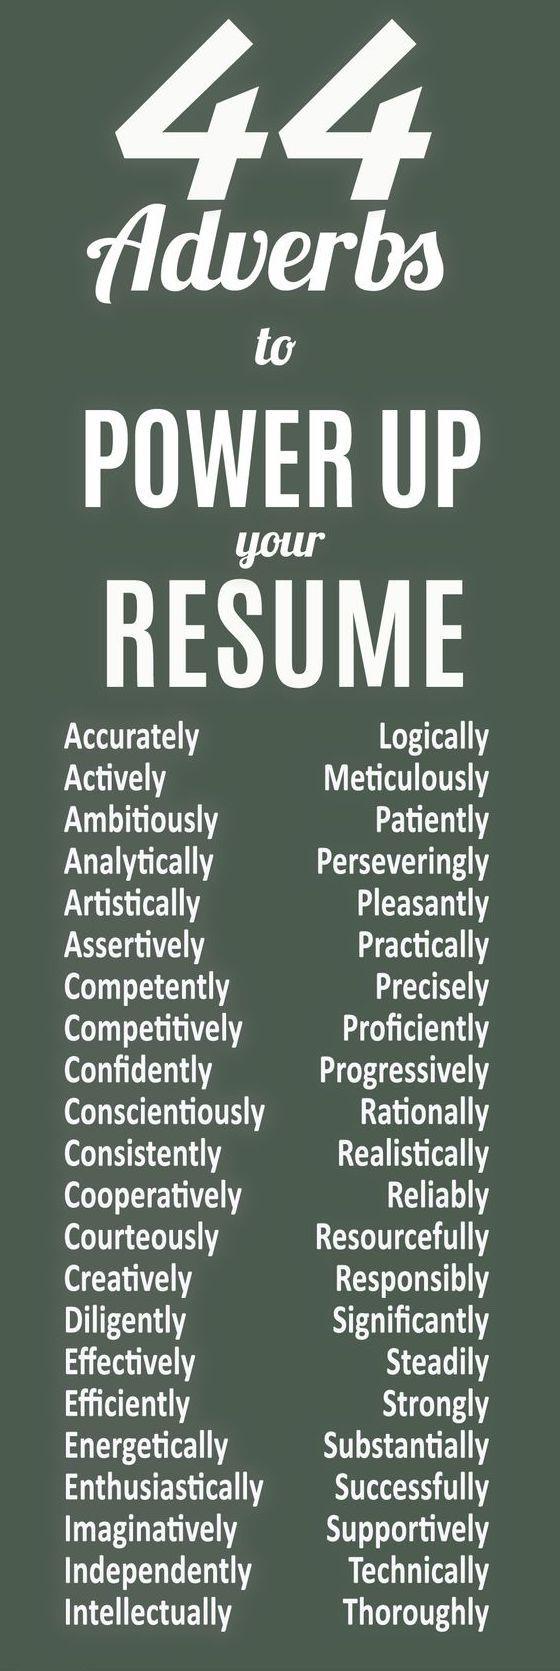 Career Blog Resumeway Resume Key Words Resume Writing Tips Self Employed Jobs